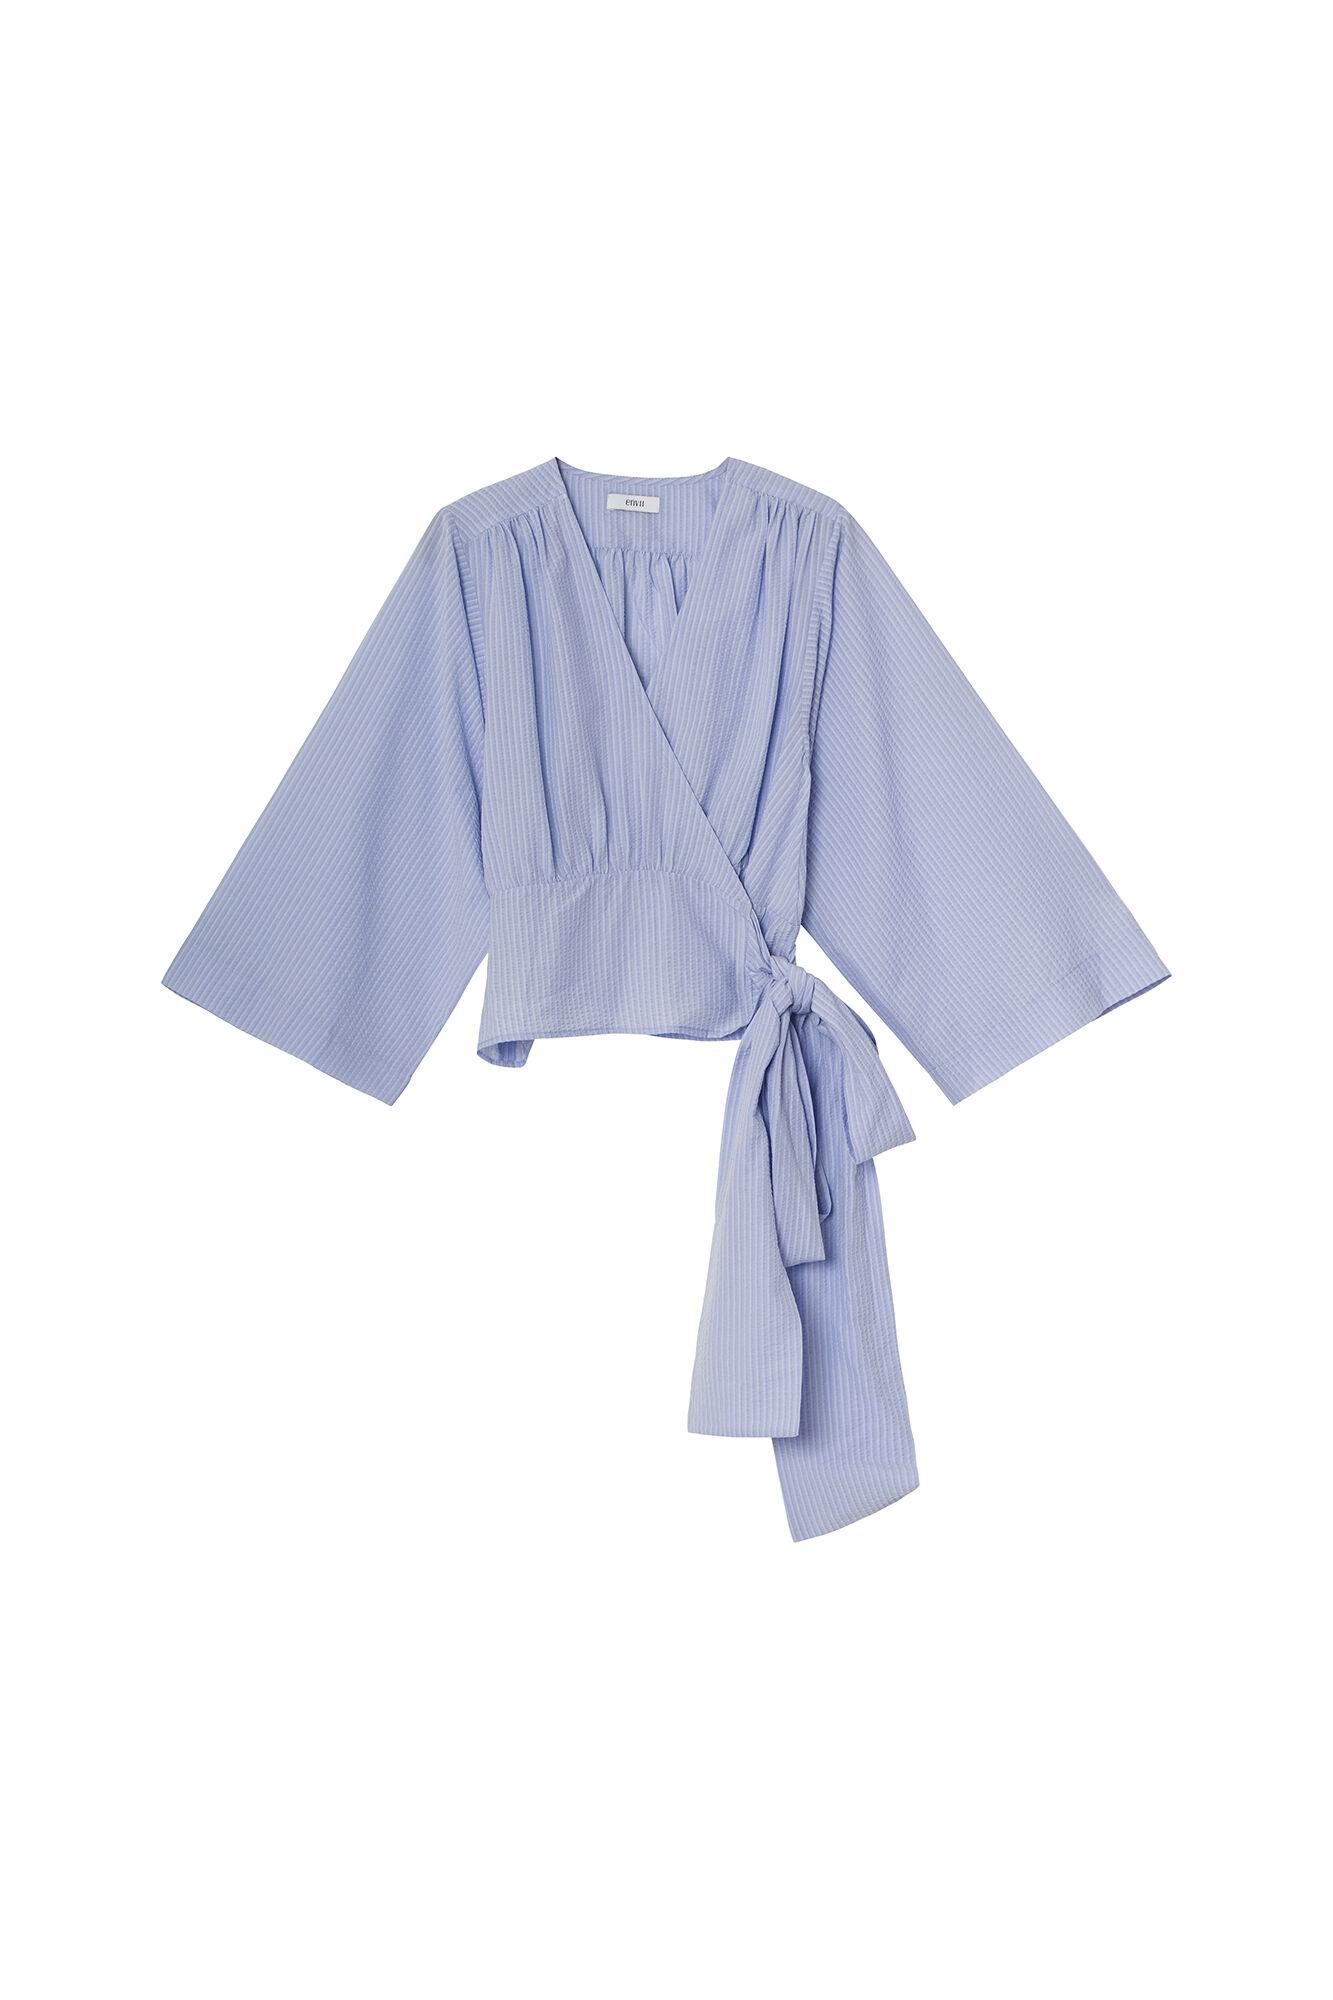 Envii Enruffle Bluse, Baby Lavender, M